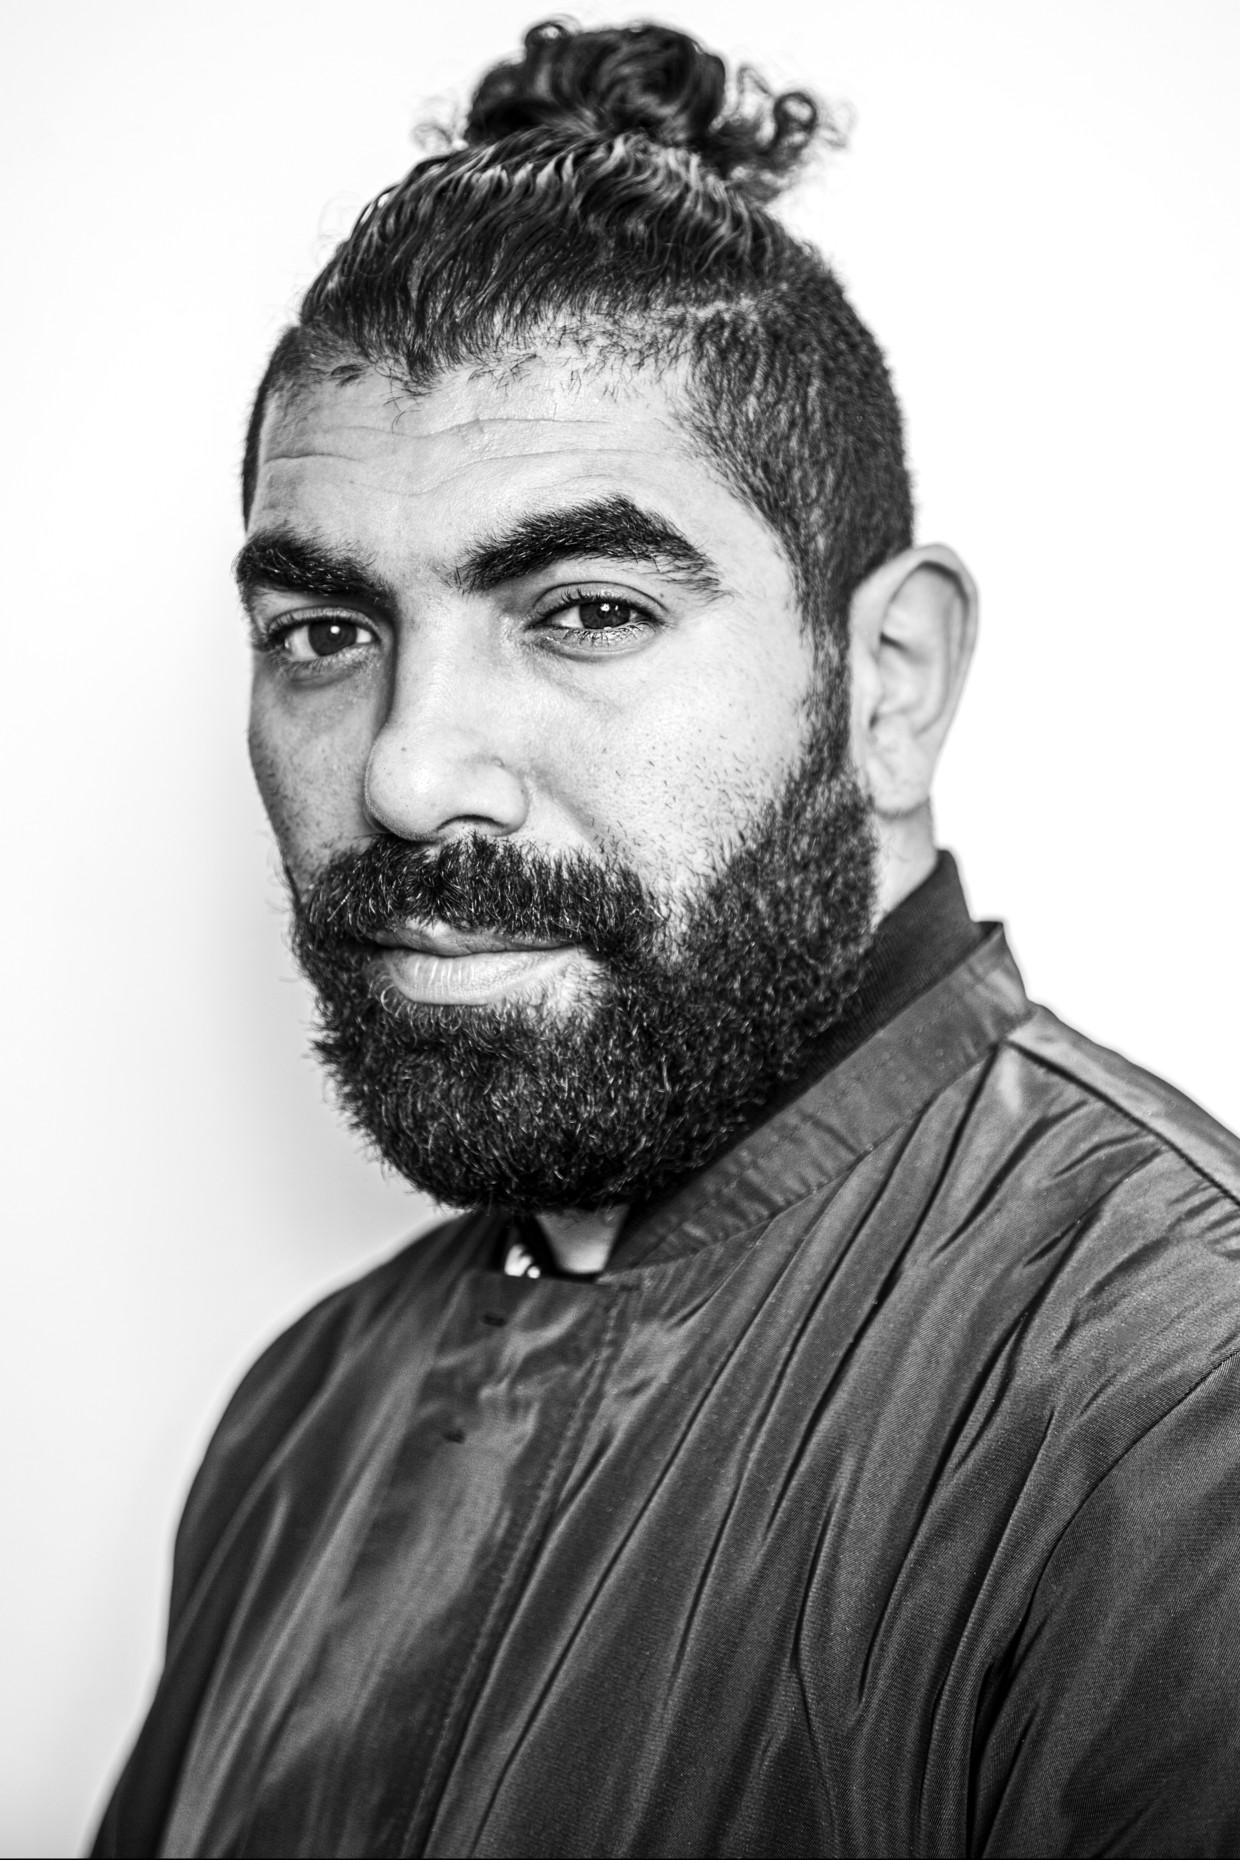 Sjaak: 'Ik zal niet zeggen dat het racistisch was, maar ze keken wel. Zo van: je bent een Marokkaan, wat doe je hier?' Beeld Ernst Coppejans